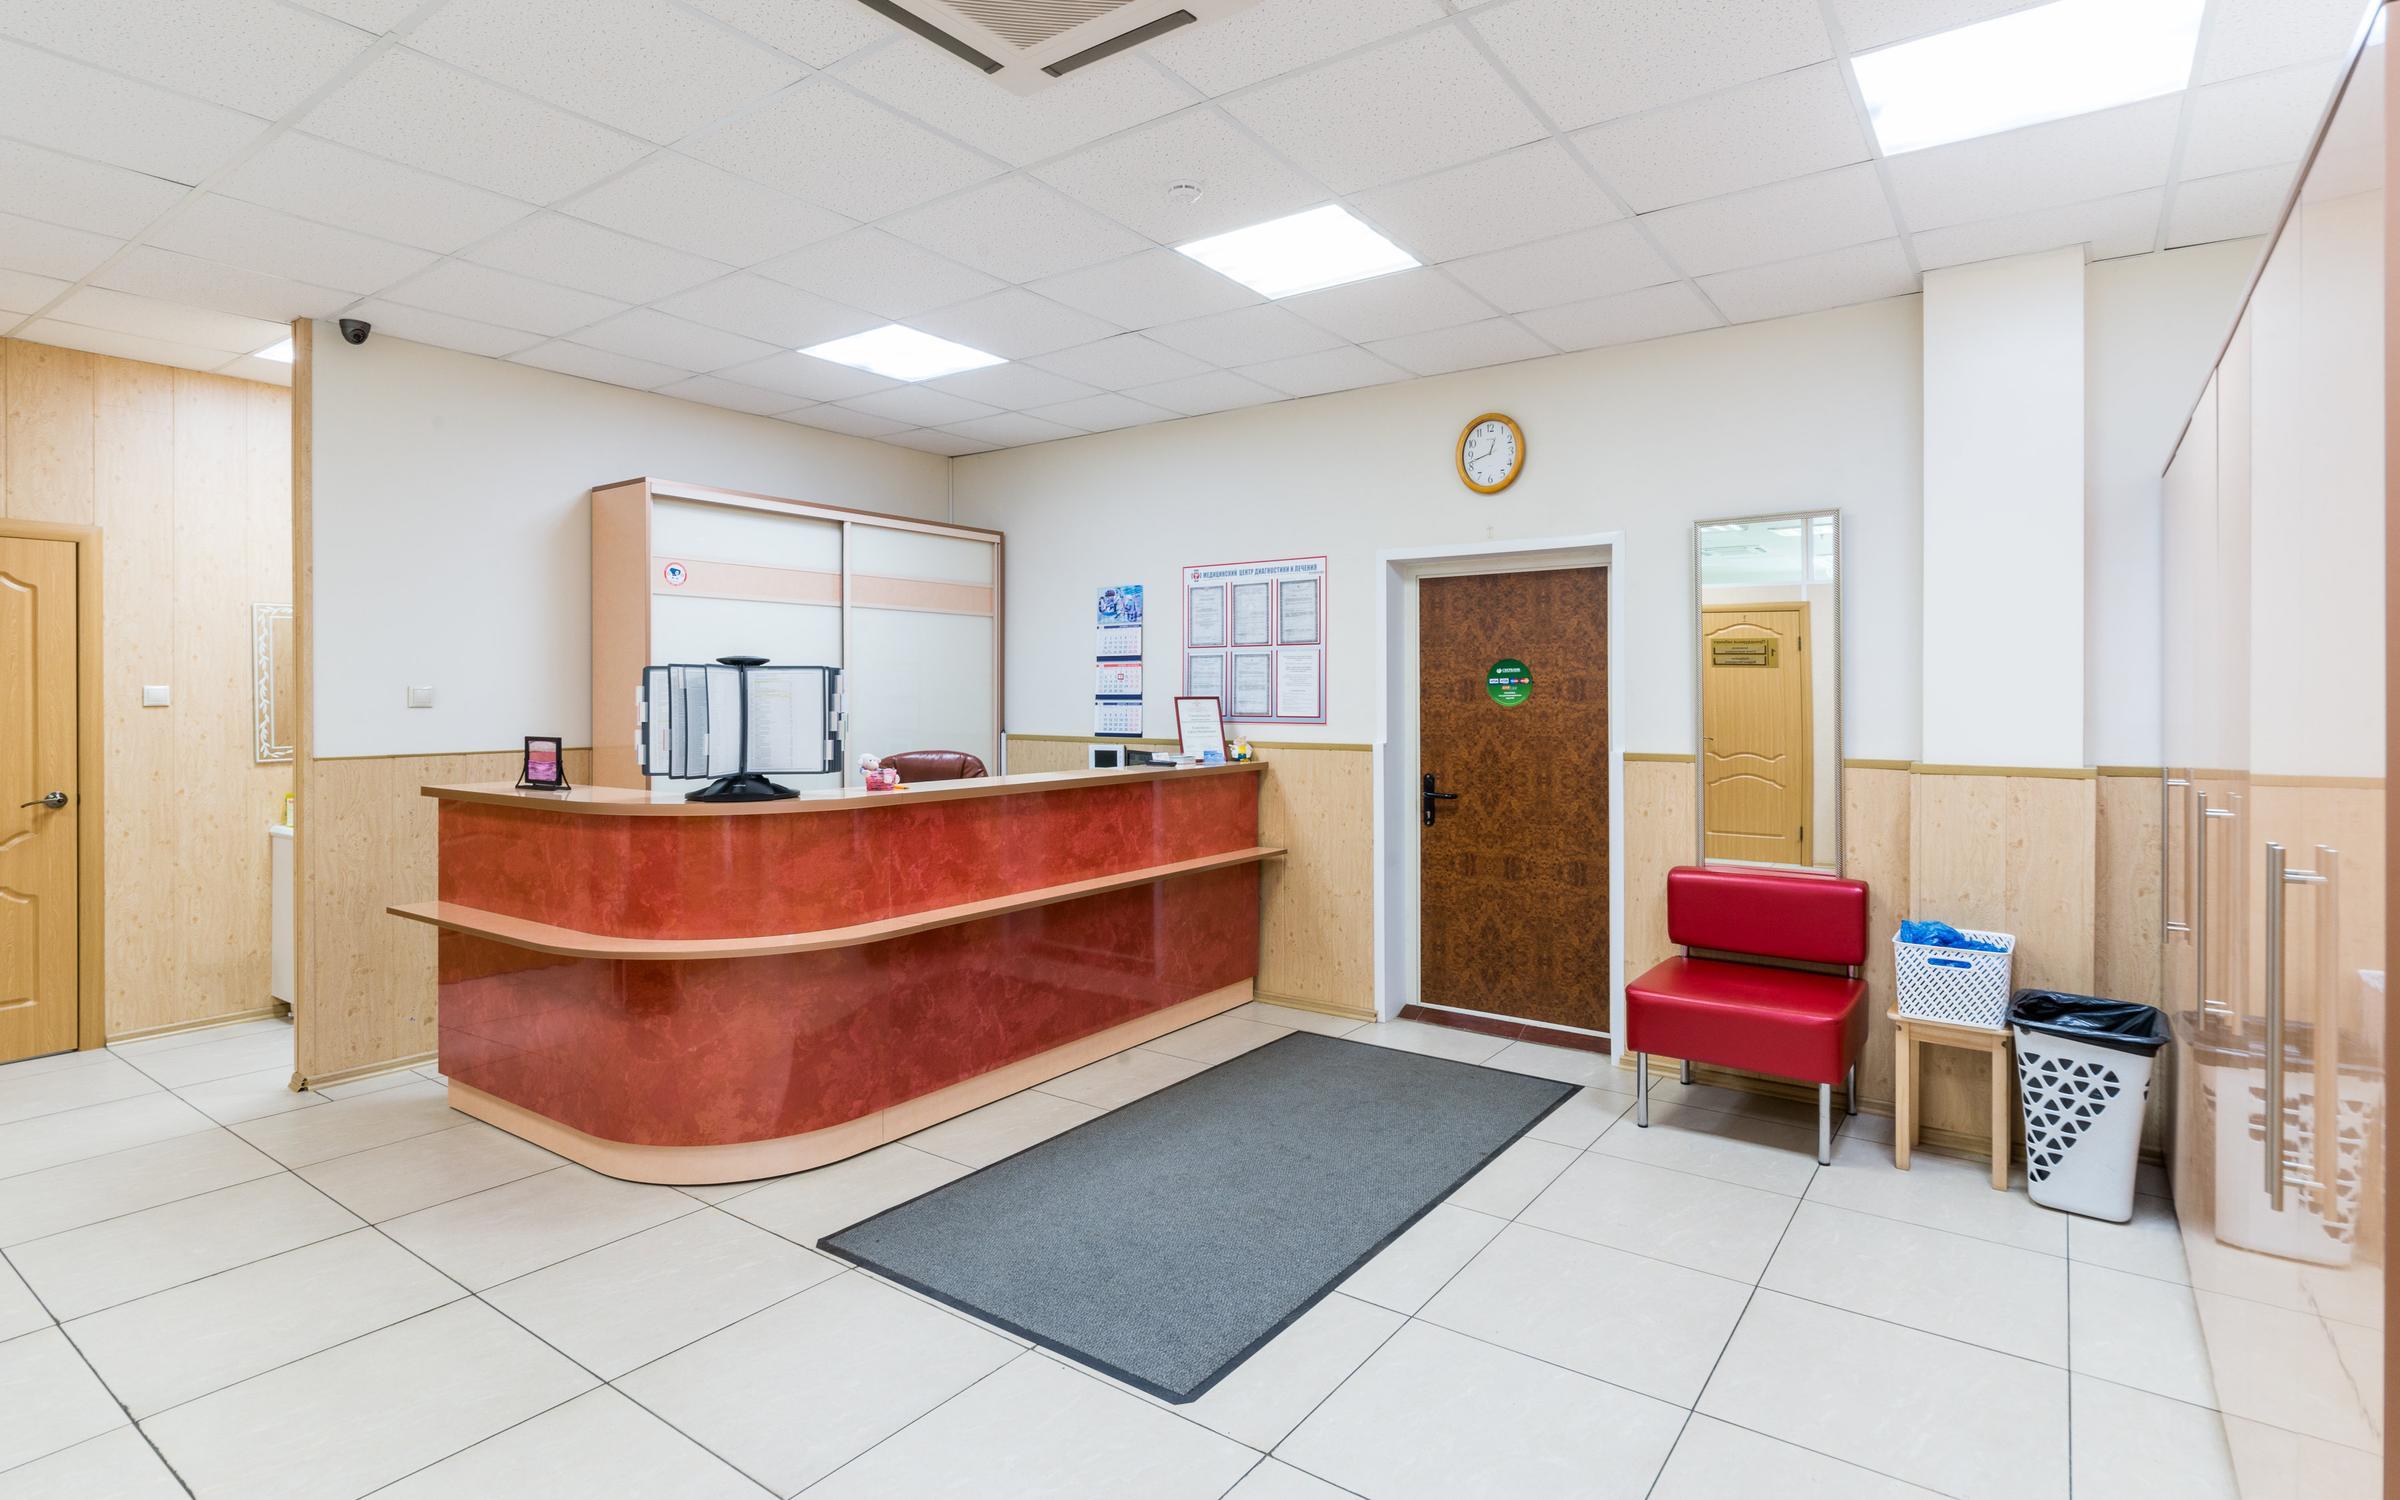 фотография Медицинского центра Диагностики и Лечения на улице Гудкова в Жуковском